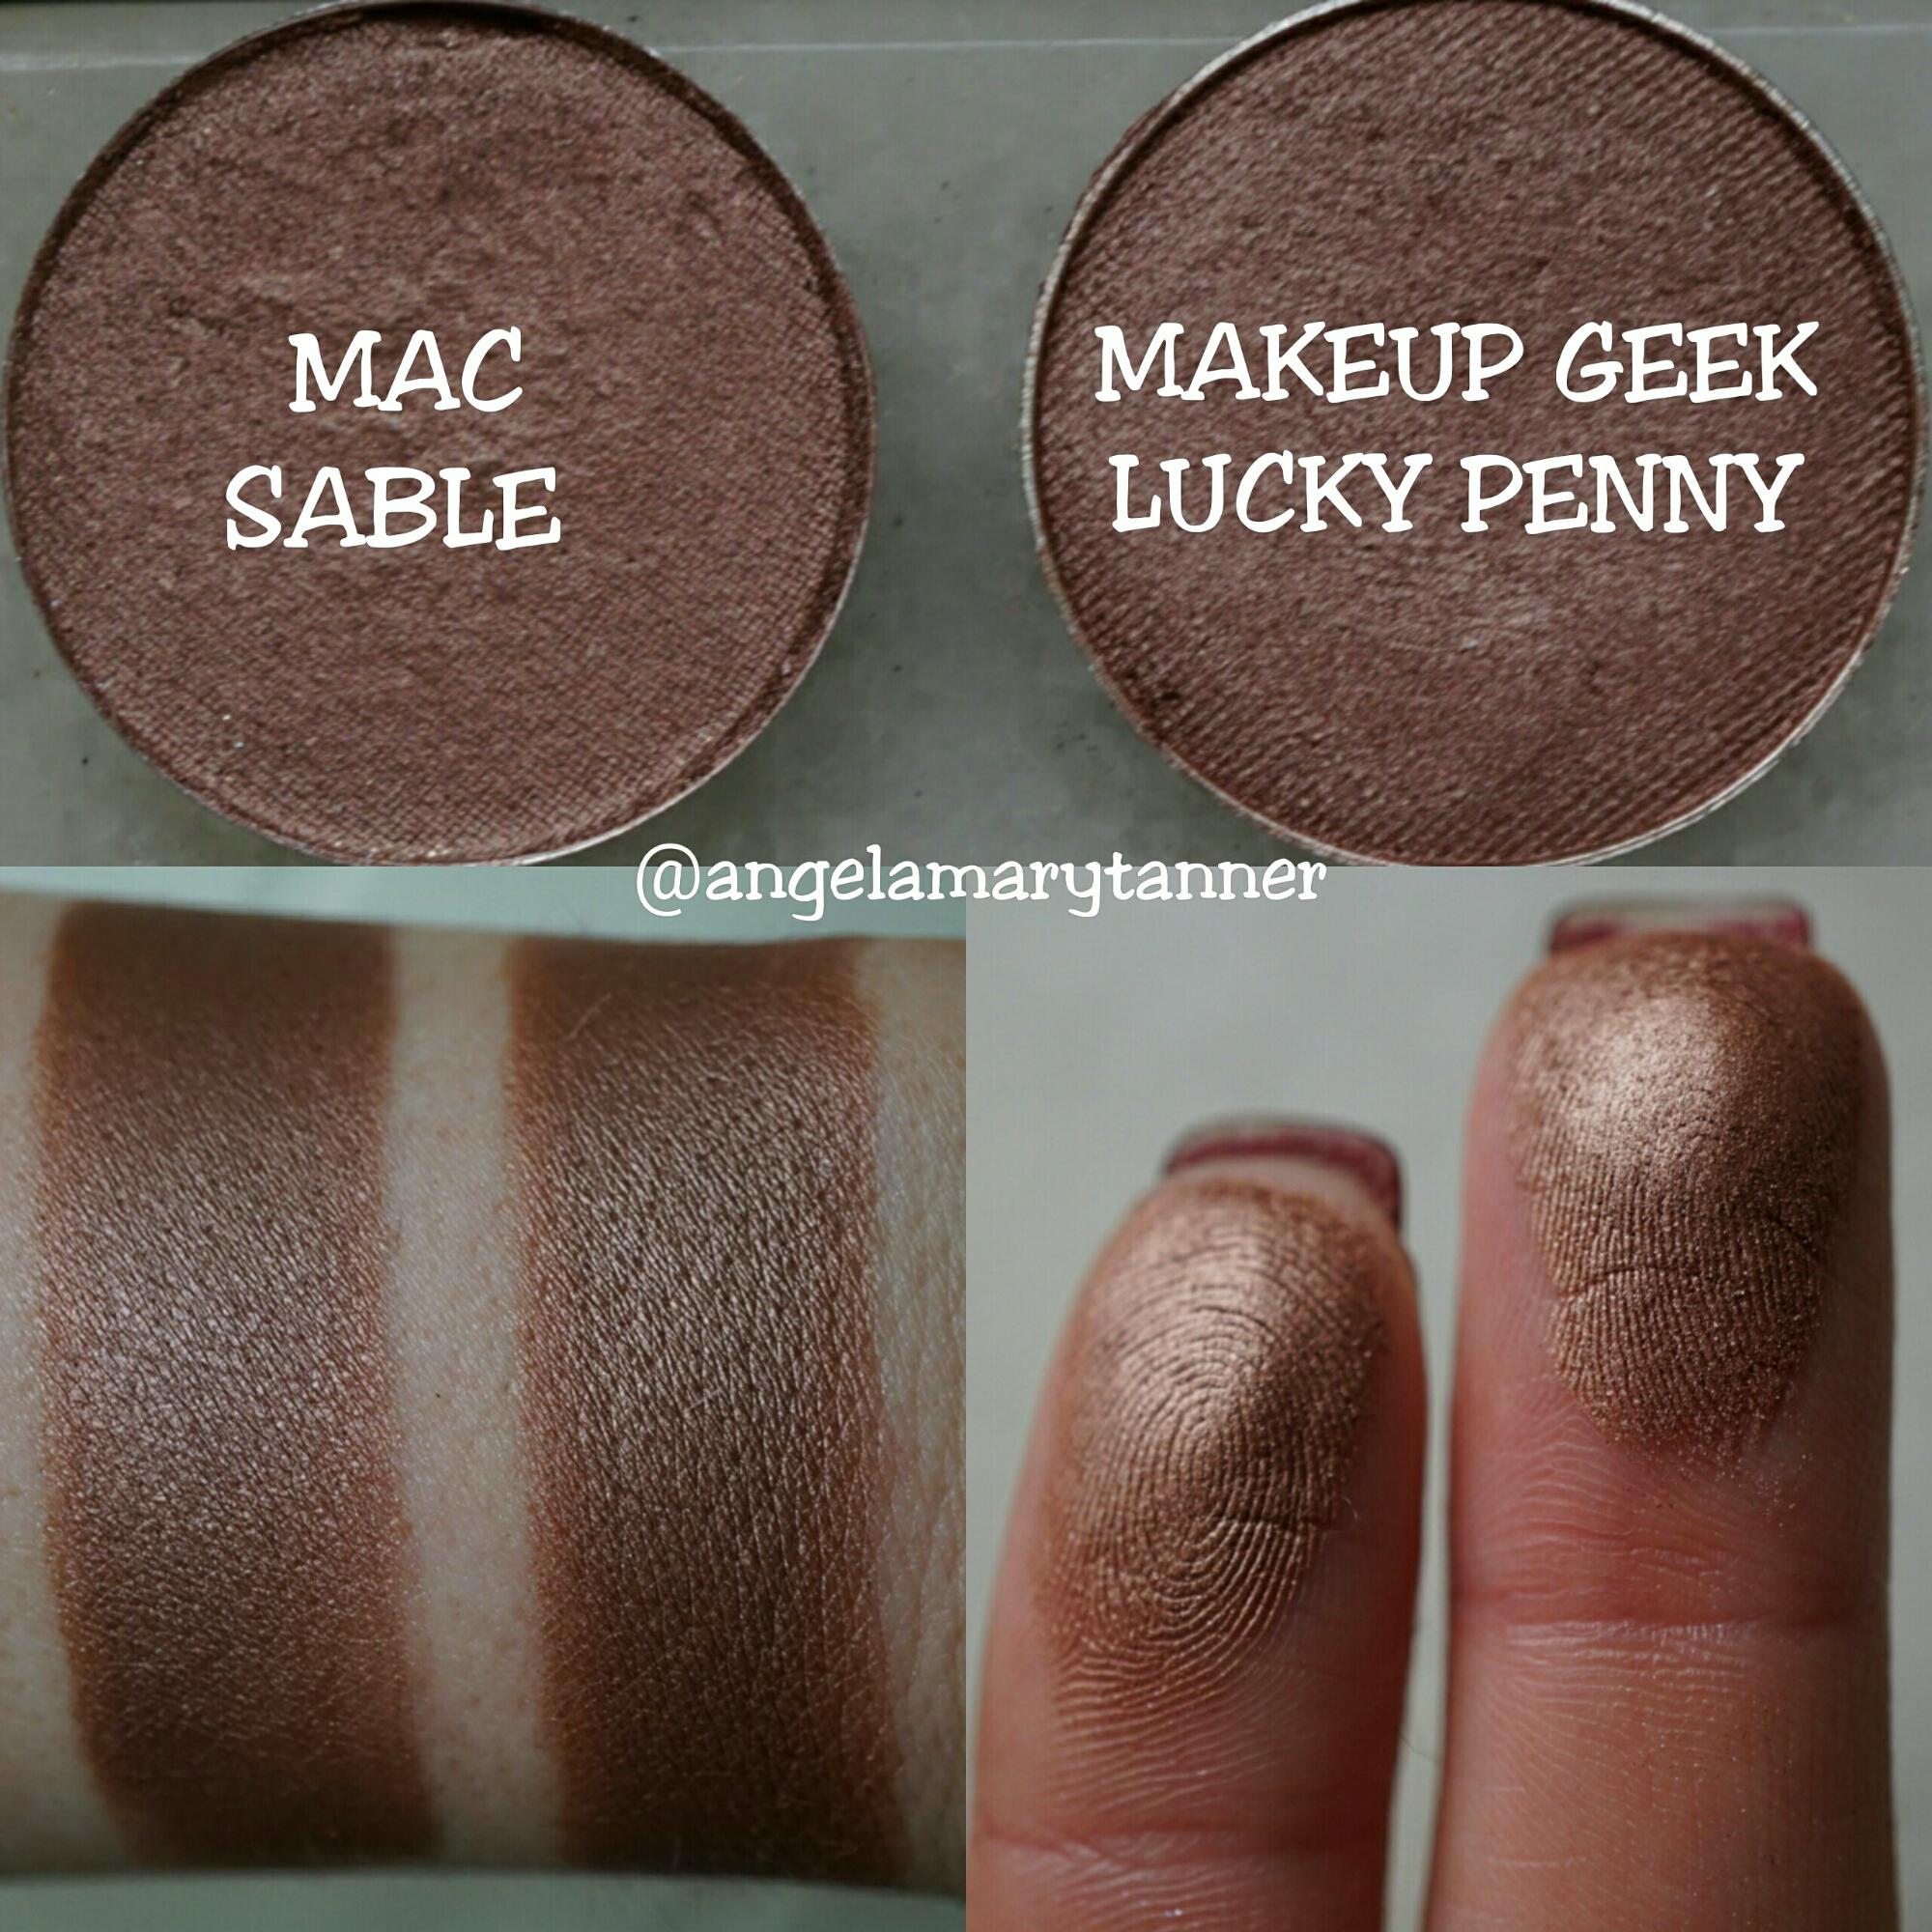 Makeup geek mac dupes